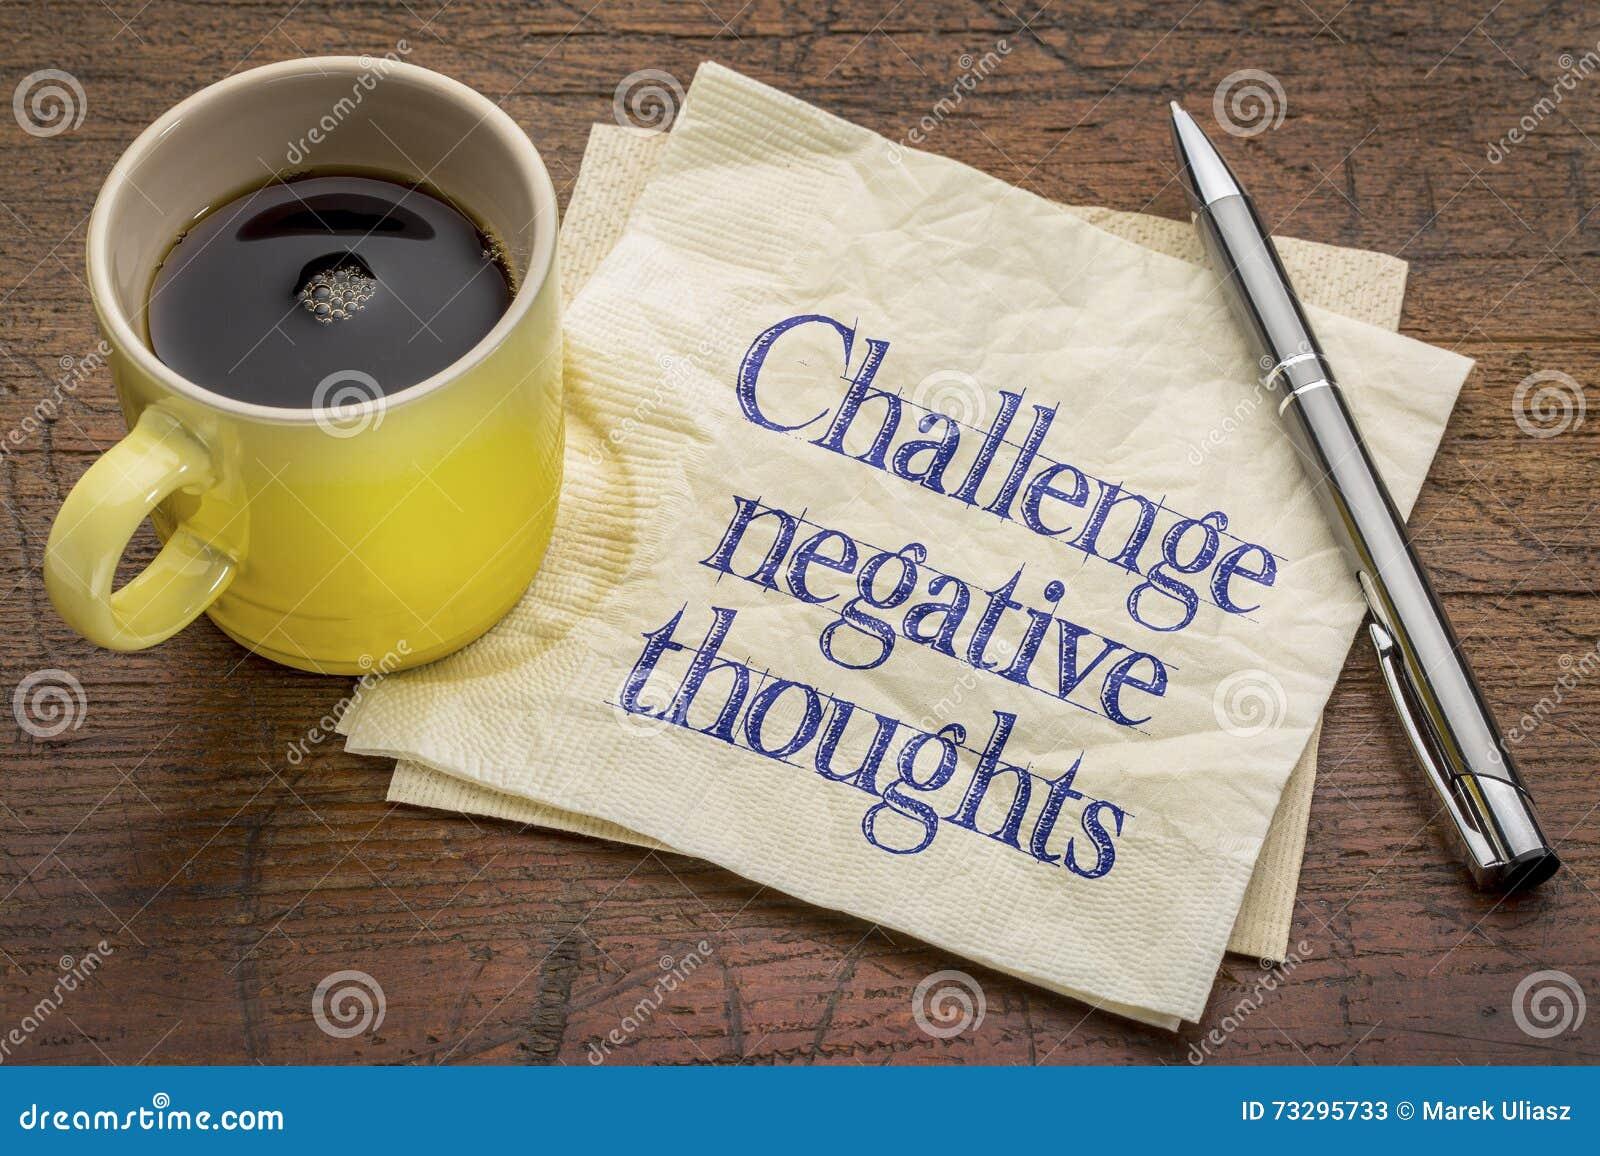 Wyzwanie negatywu myśli